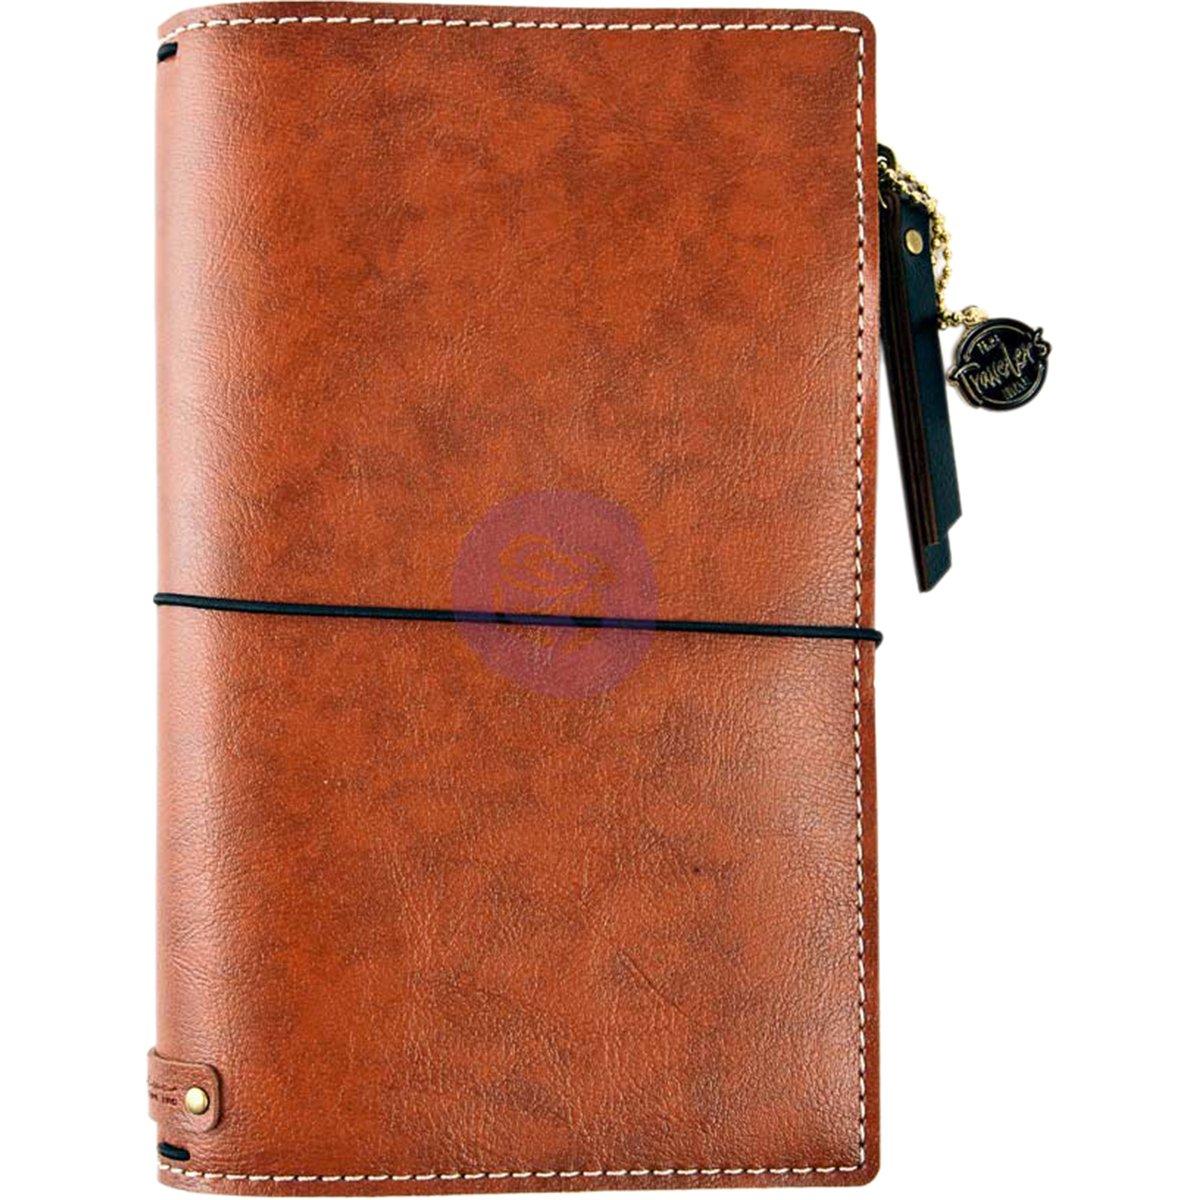 Unbekannt Prima Marketing Traveller 's Journal Starter Set, Mehrfarbig, 22.35 X 14,73 X 3.55 cm 655350592592